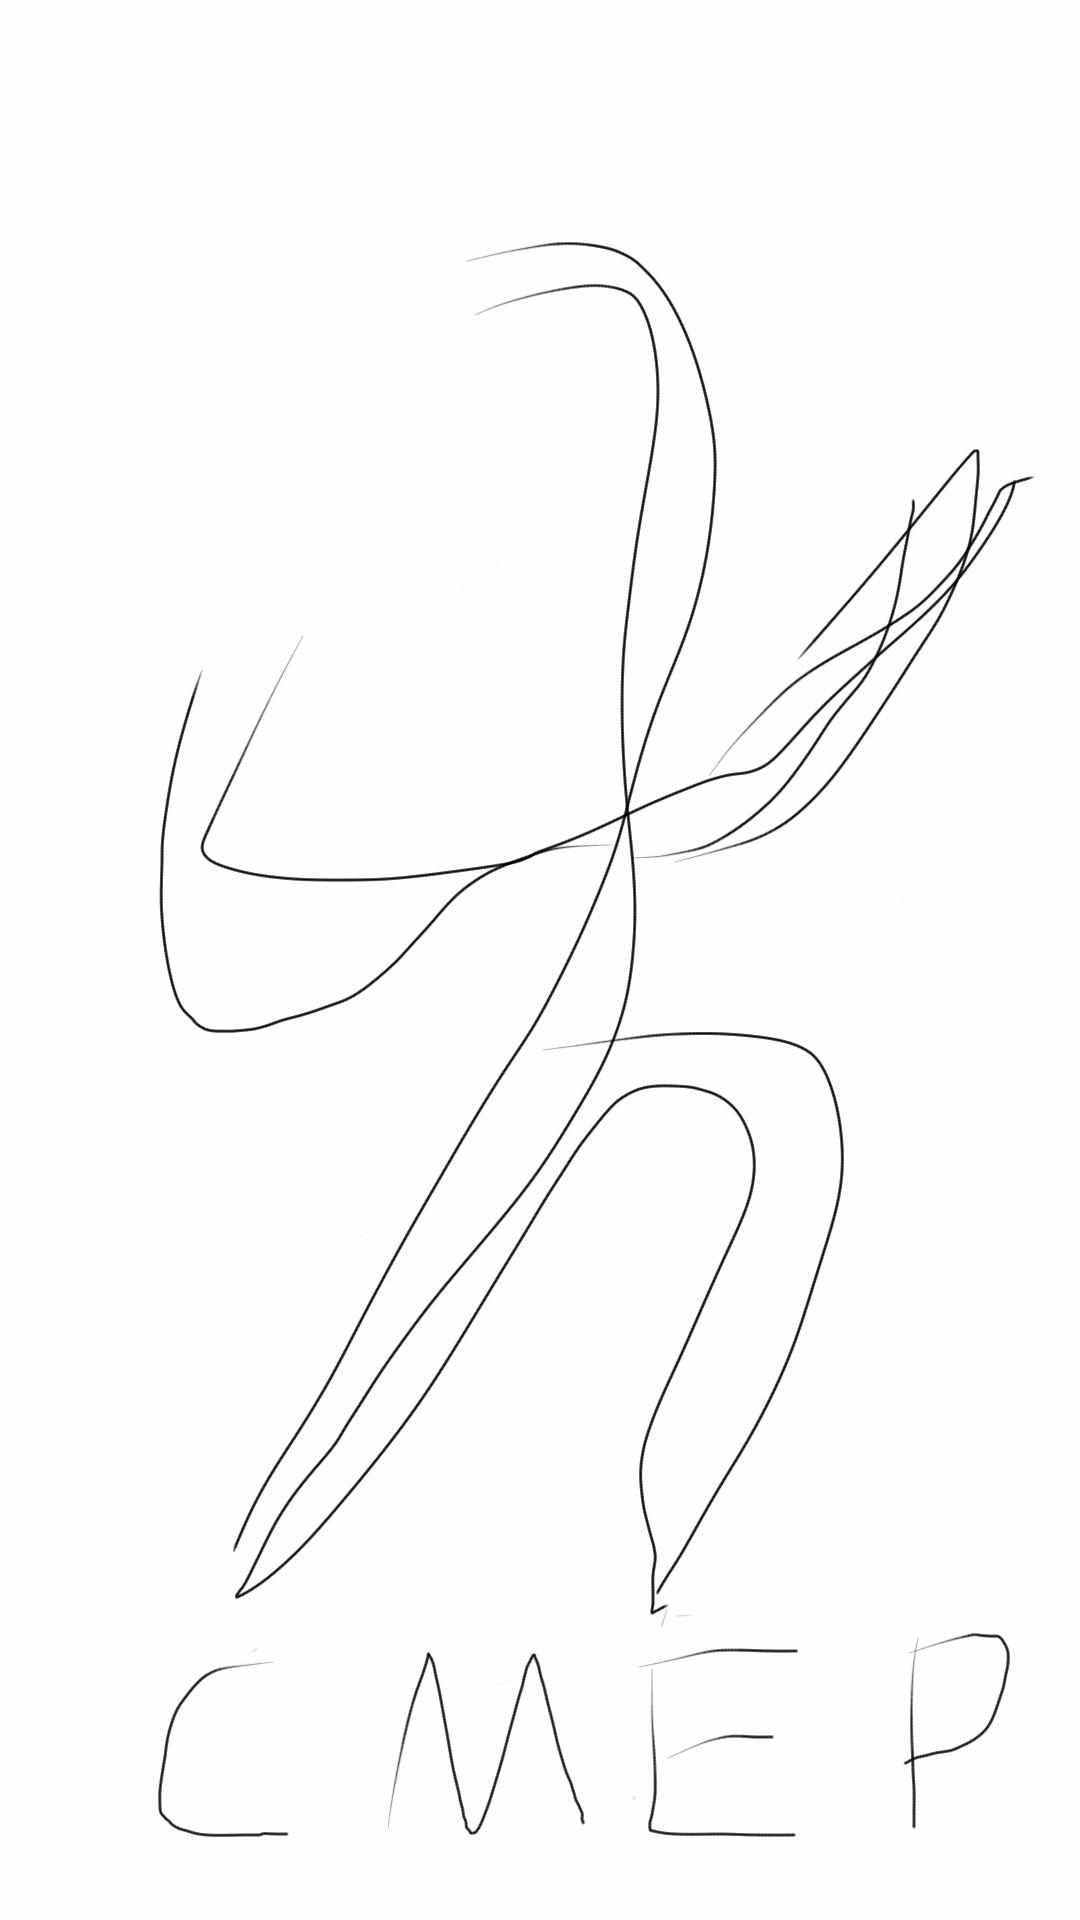 简笔画 手绘 线稿 1080_1920 竖版 竖屏